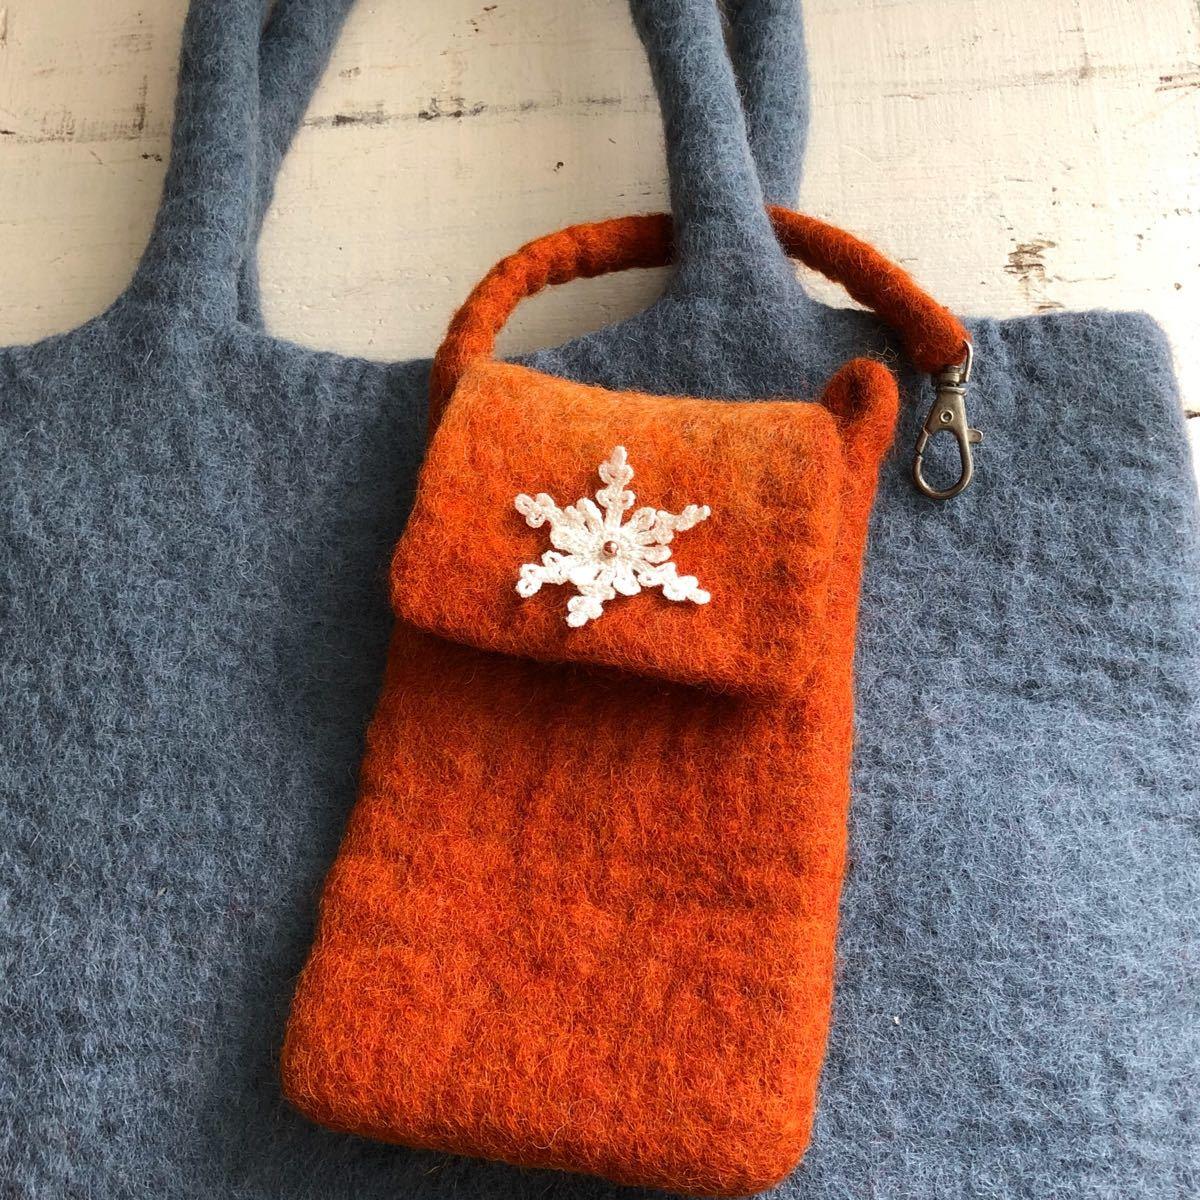 アウトレット 羊毛 フエルト モバイルポーチ バッグチャーム  携帯ポーチ